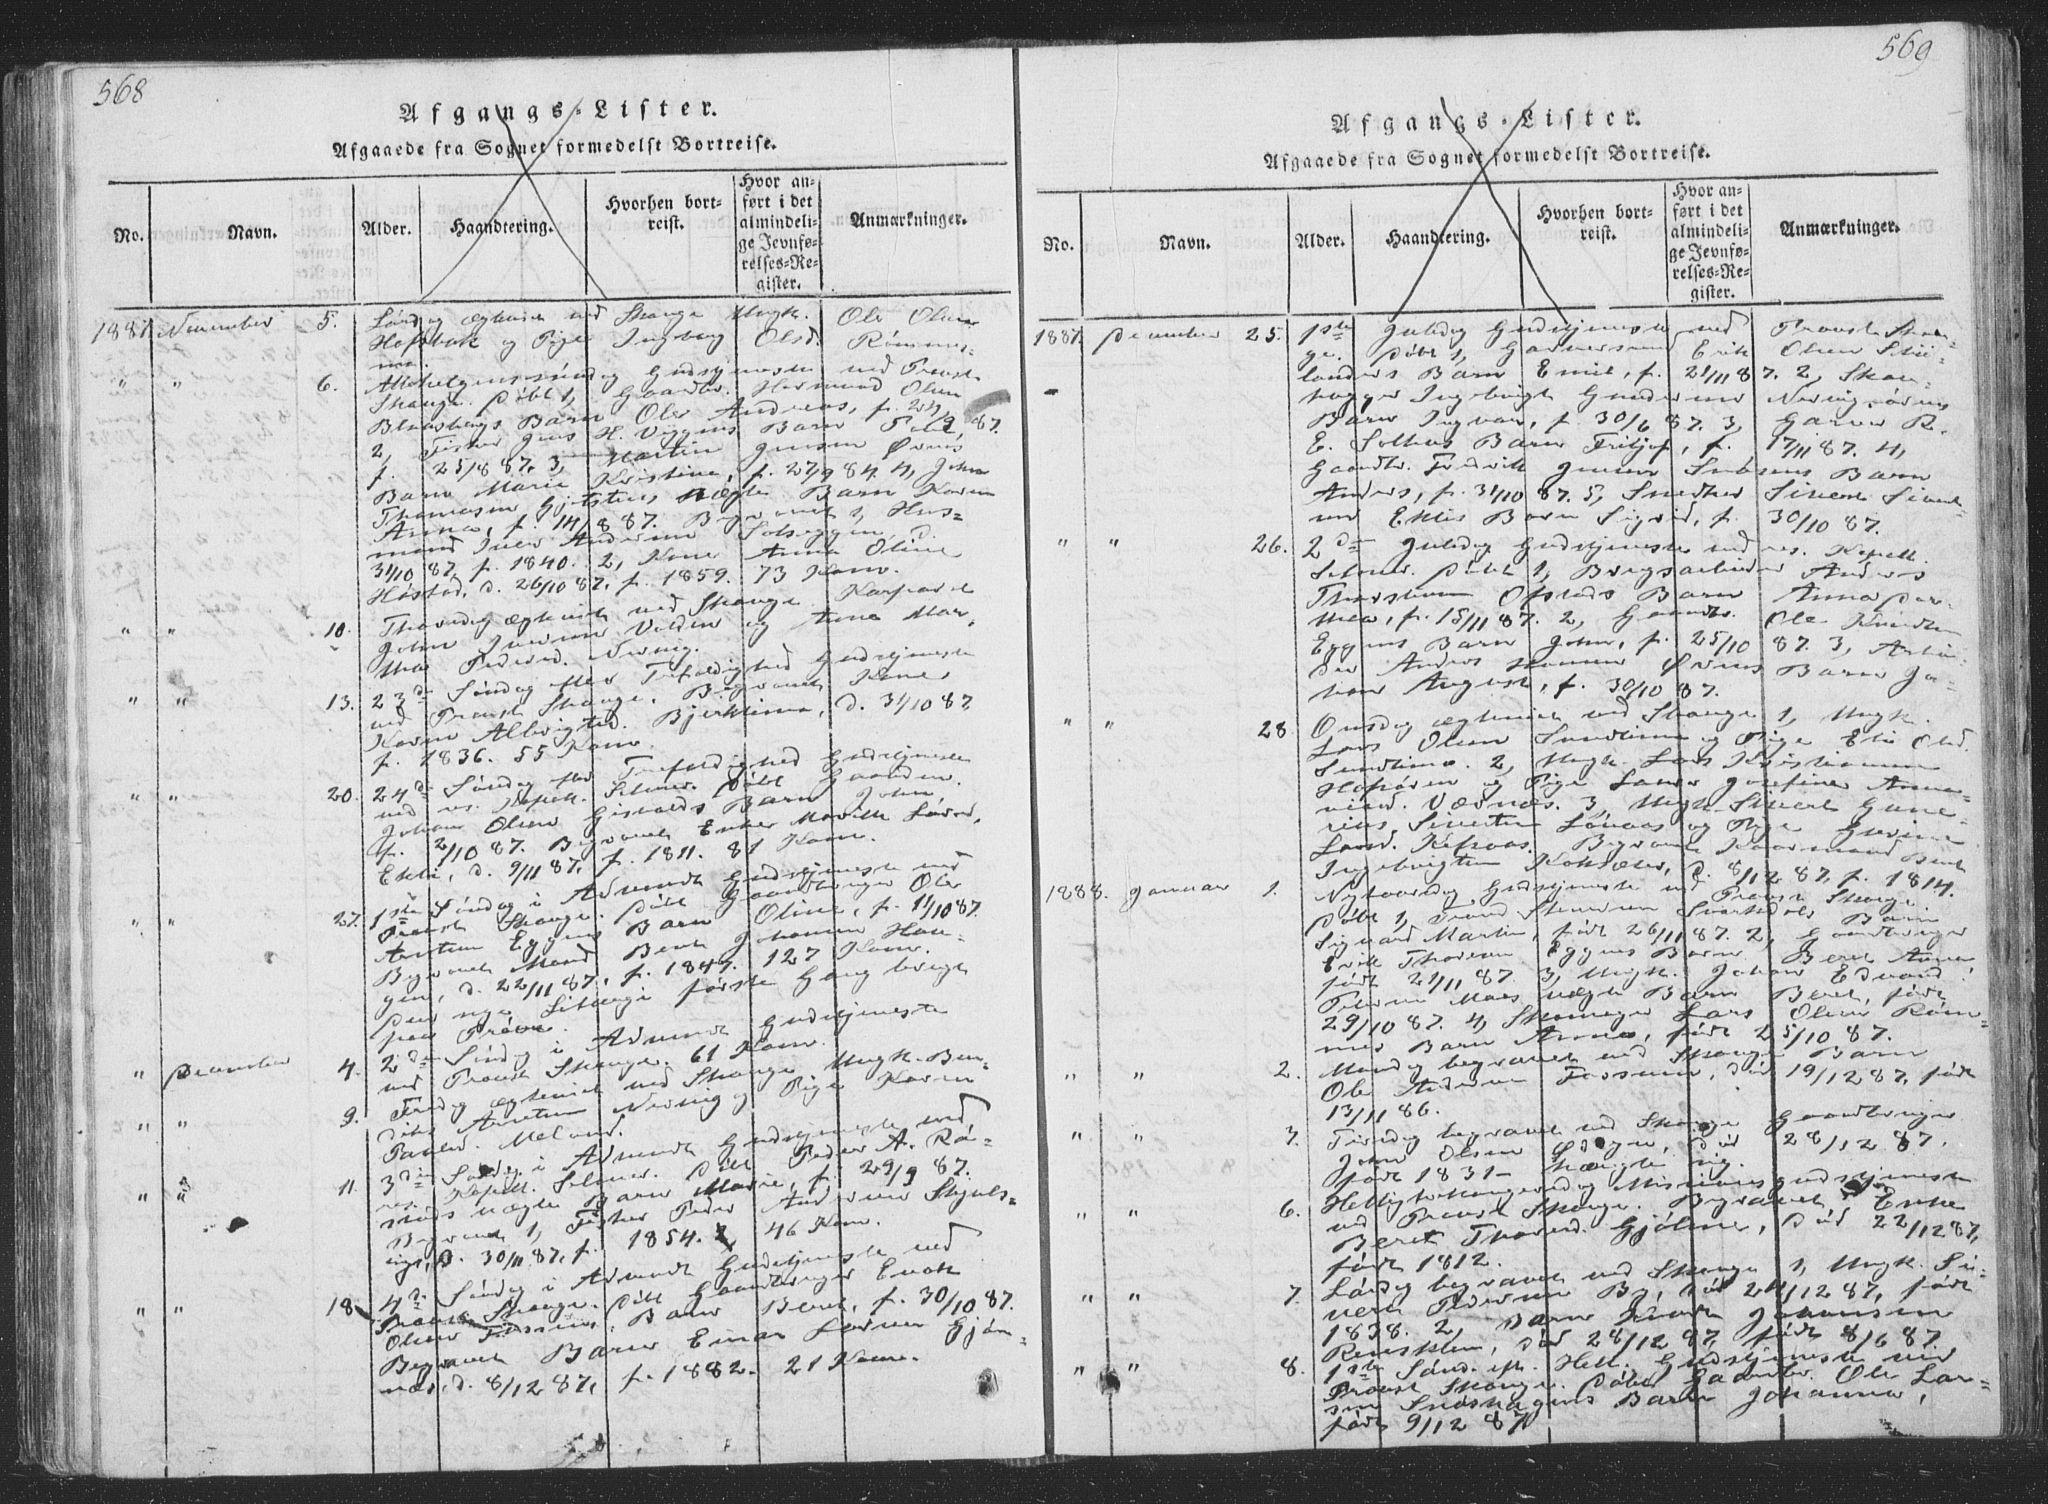 SAT, Ministerialprotokoller, klokkerbøker og fødselsregistre - Sør-Trøndelag, 668/L0816: Klokkerbok nr. 668C05, 1816-1893, s. 568-569